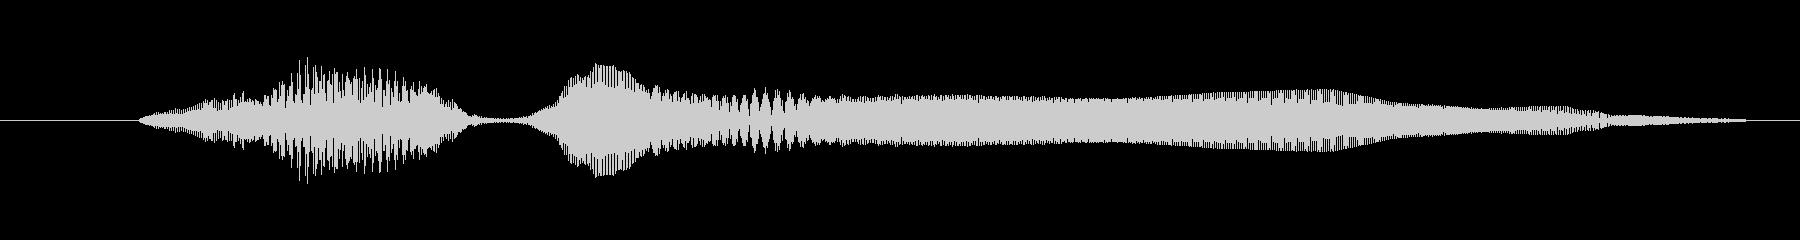 ドワーフ 応援ジュフ05の未再生の波形